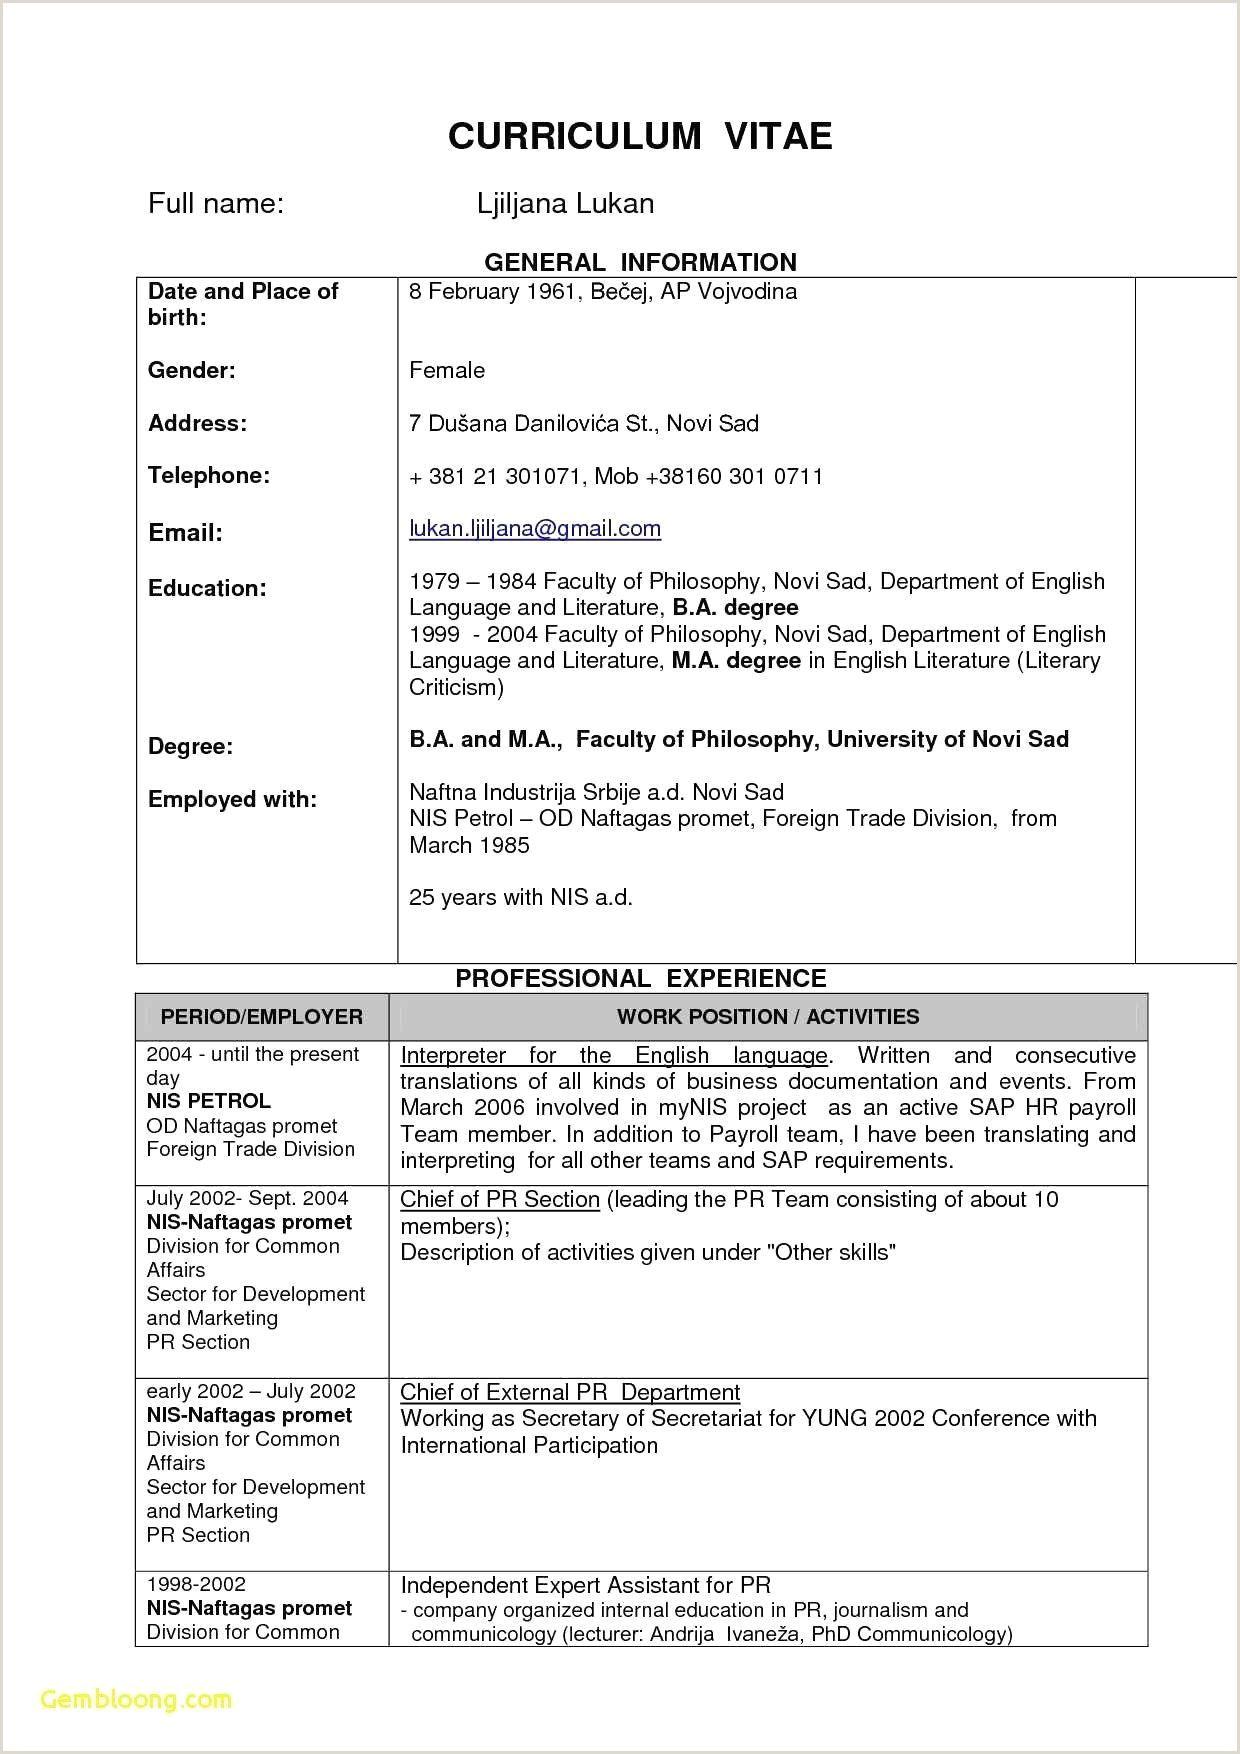 Cv format for Job Application Download Sample Resume format New Cv format Free Download Word